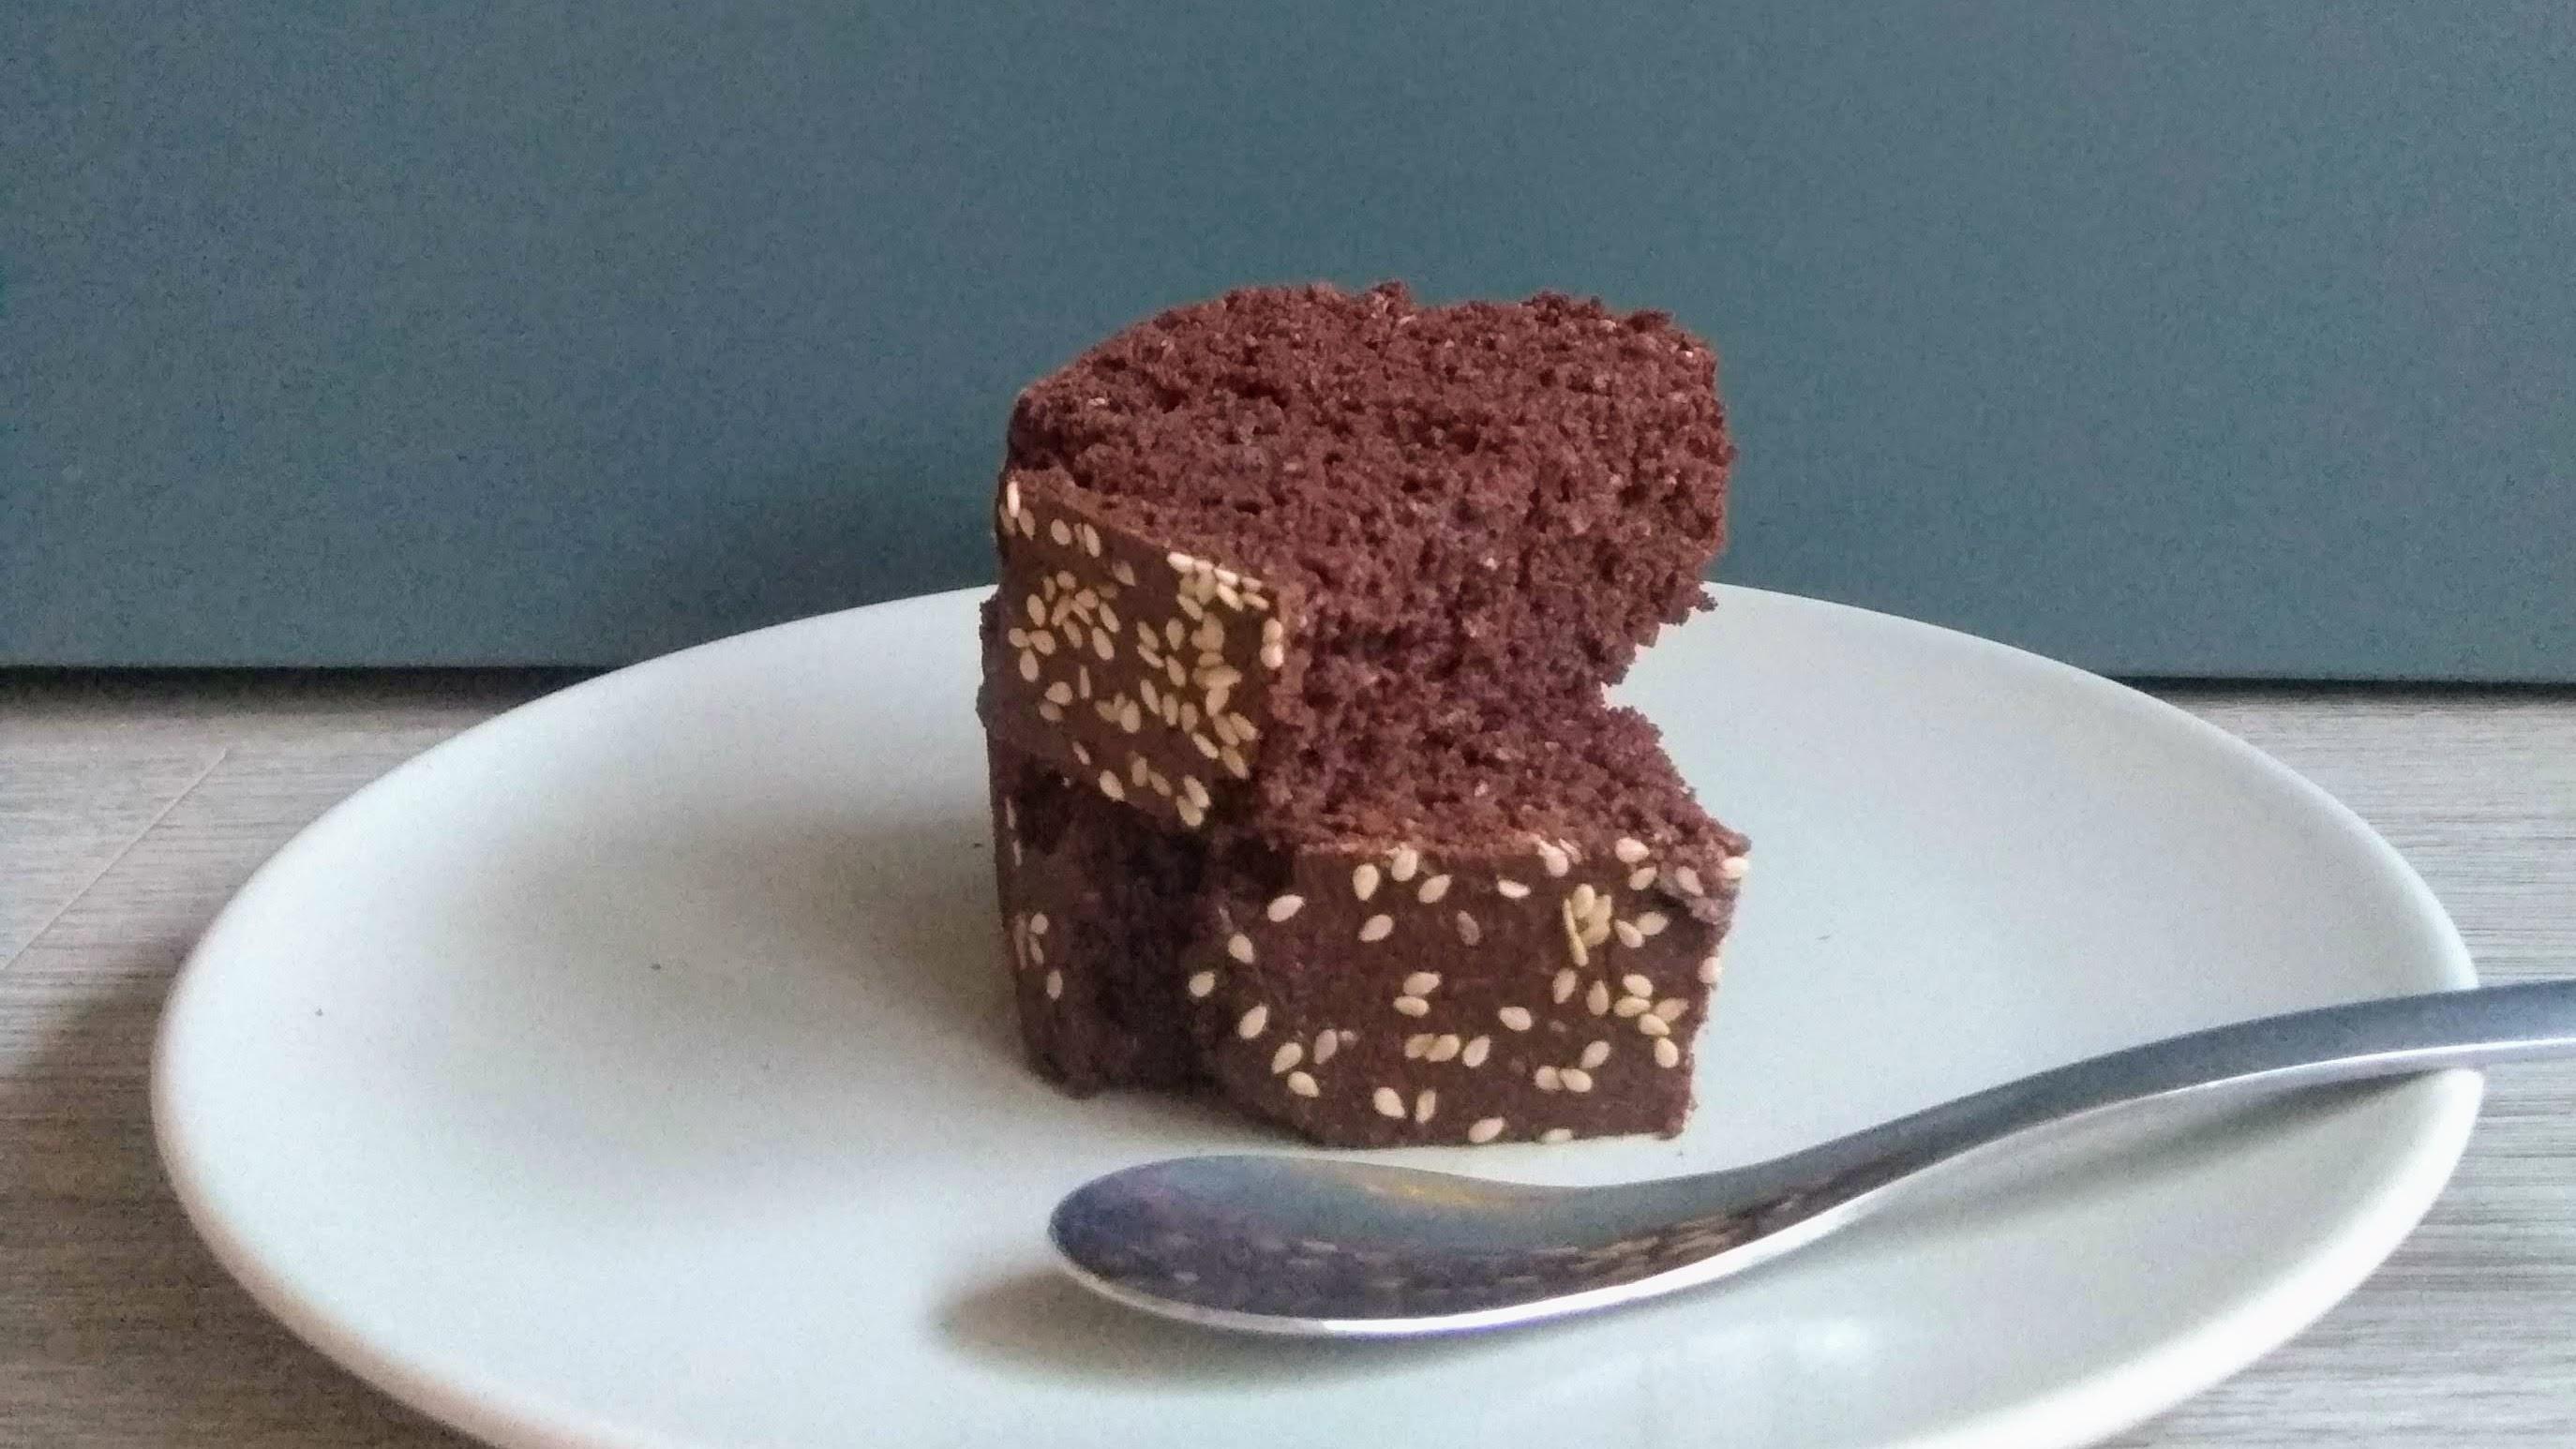 Receta: Bizcocho saludable de chocolate. Descúbrela en: www.cocinandoconlola.com